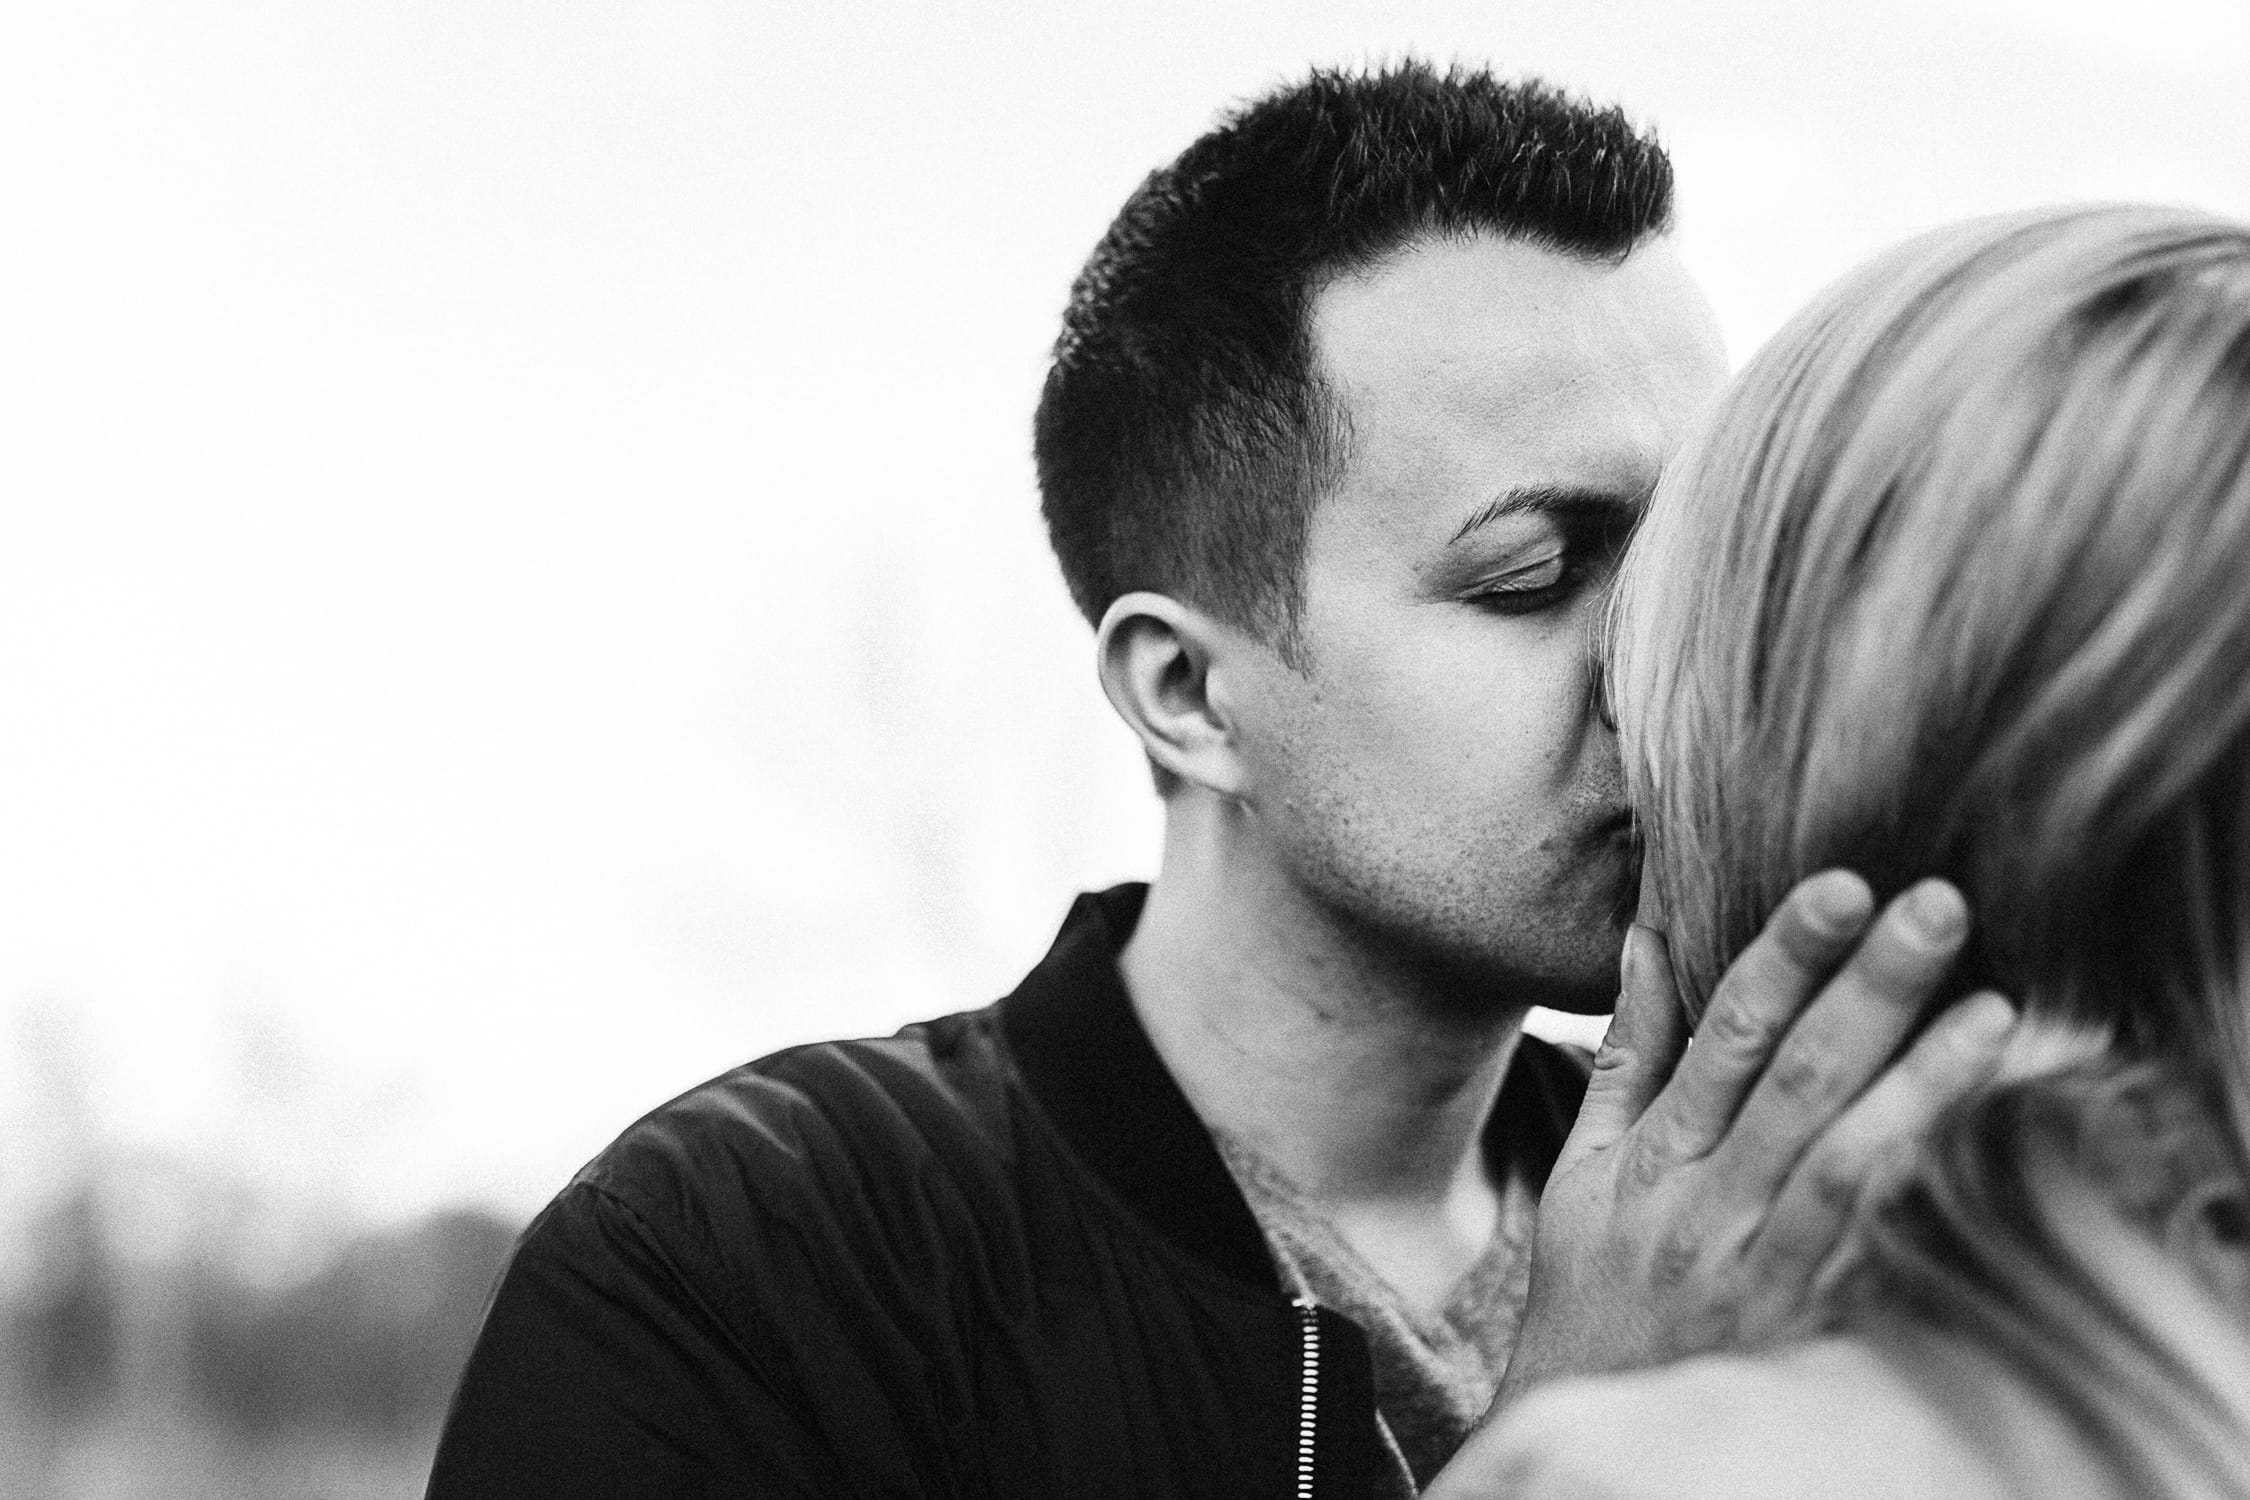 Hochzeitsfotograf Berkenthin, Karoline & Thomas - emotionale Hochzeitsfotos, Hochzeitsreportagen